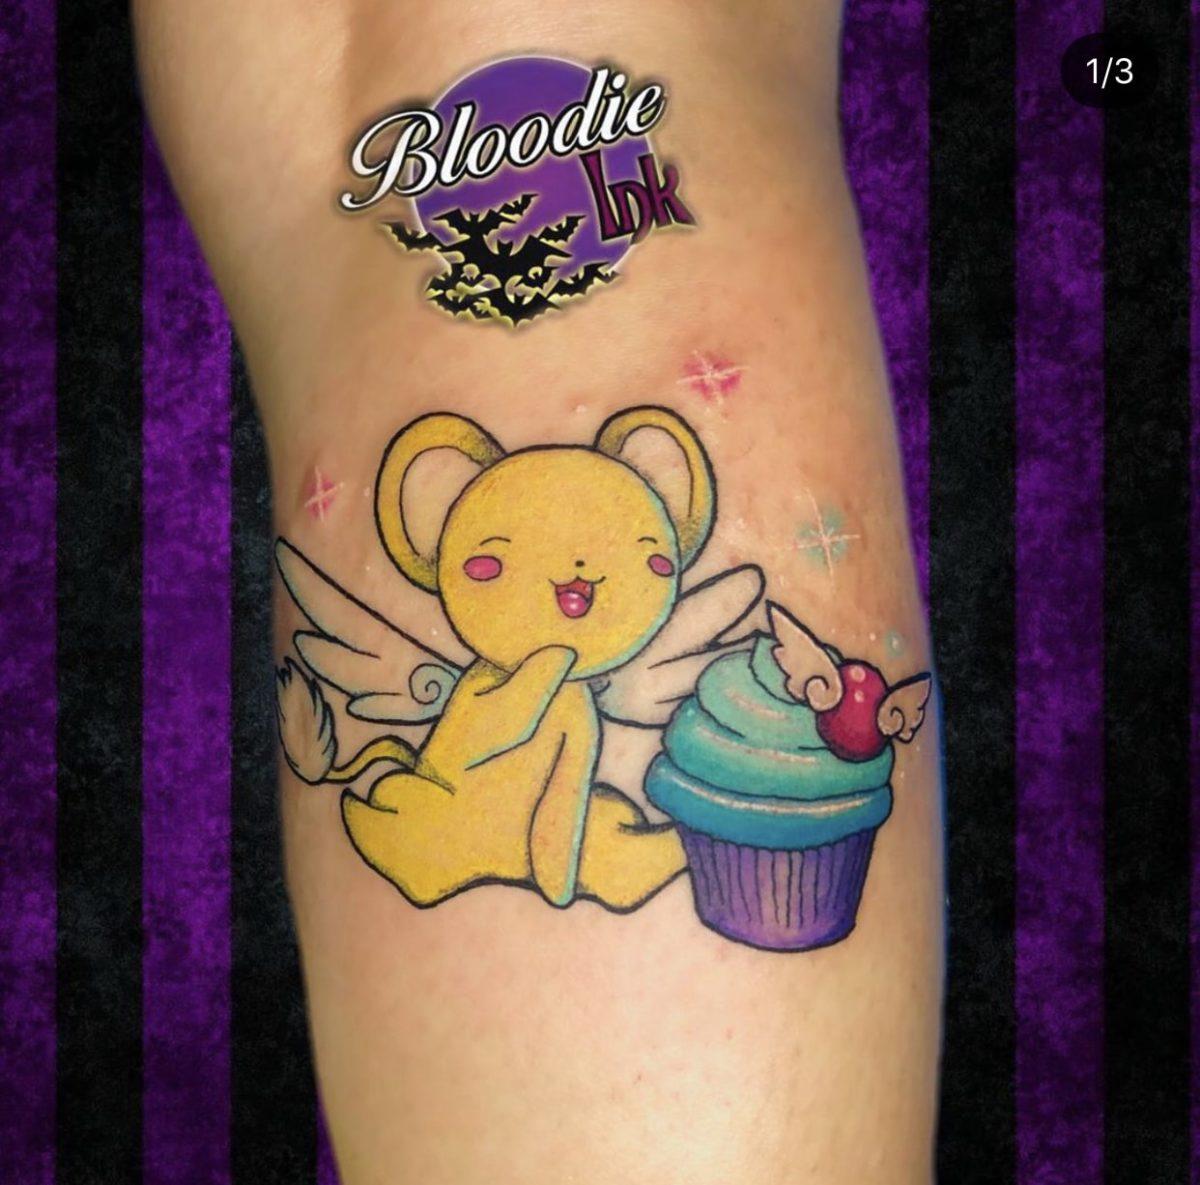 bloodie-ink-bear